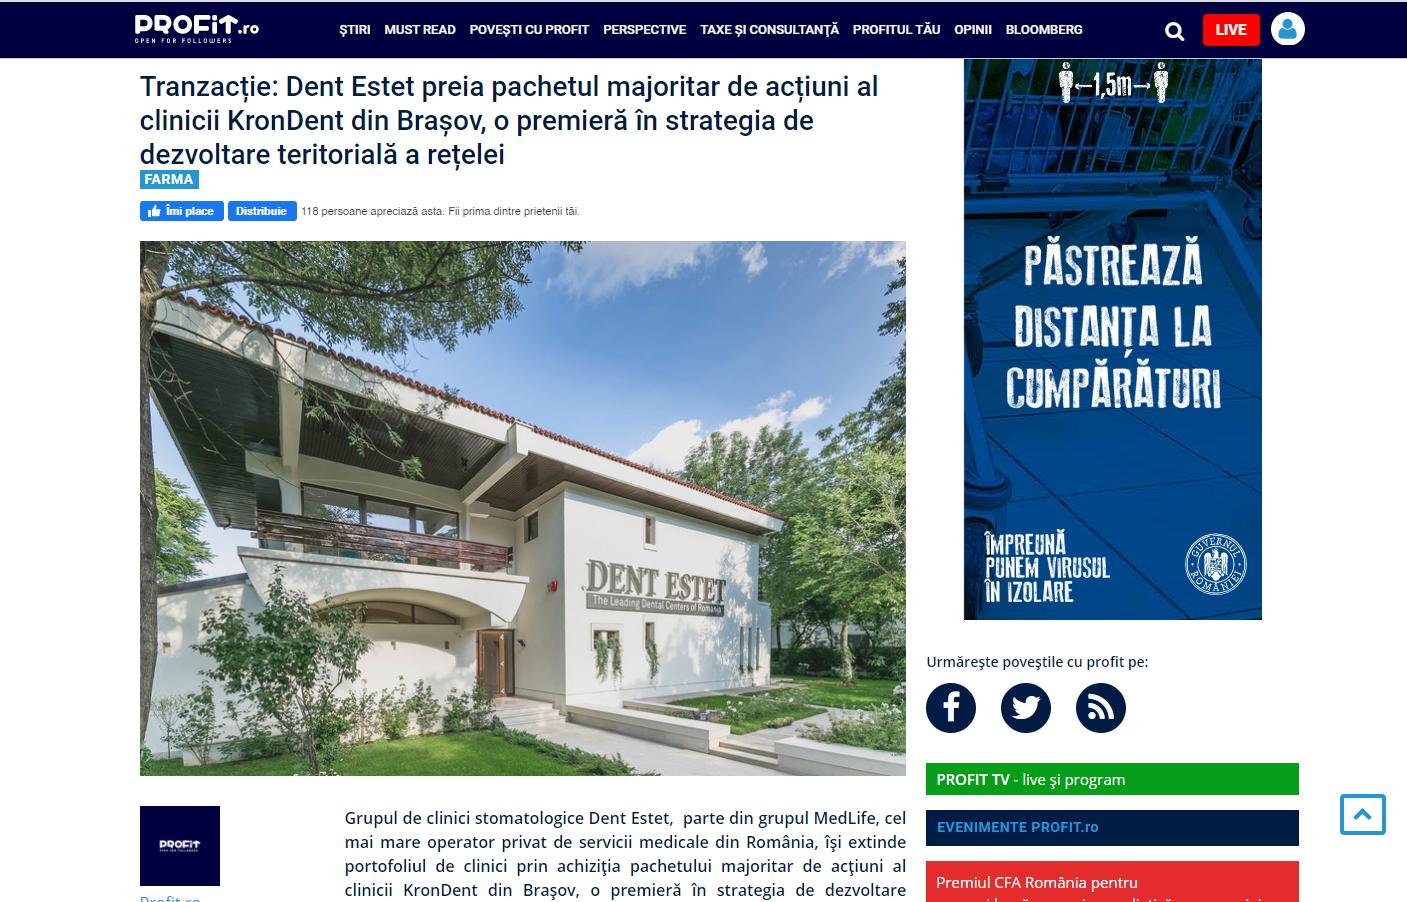 Tranzacție: Dent Estet preia pachetul majoritar de acțiuni al clinicii KronDent din Brașov, o premieră în strategia de dezvoltare teritorială a rețelei